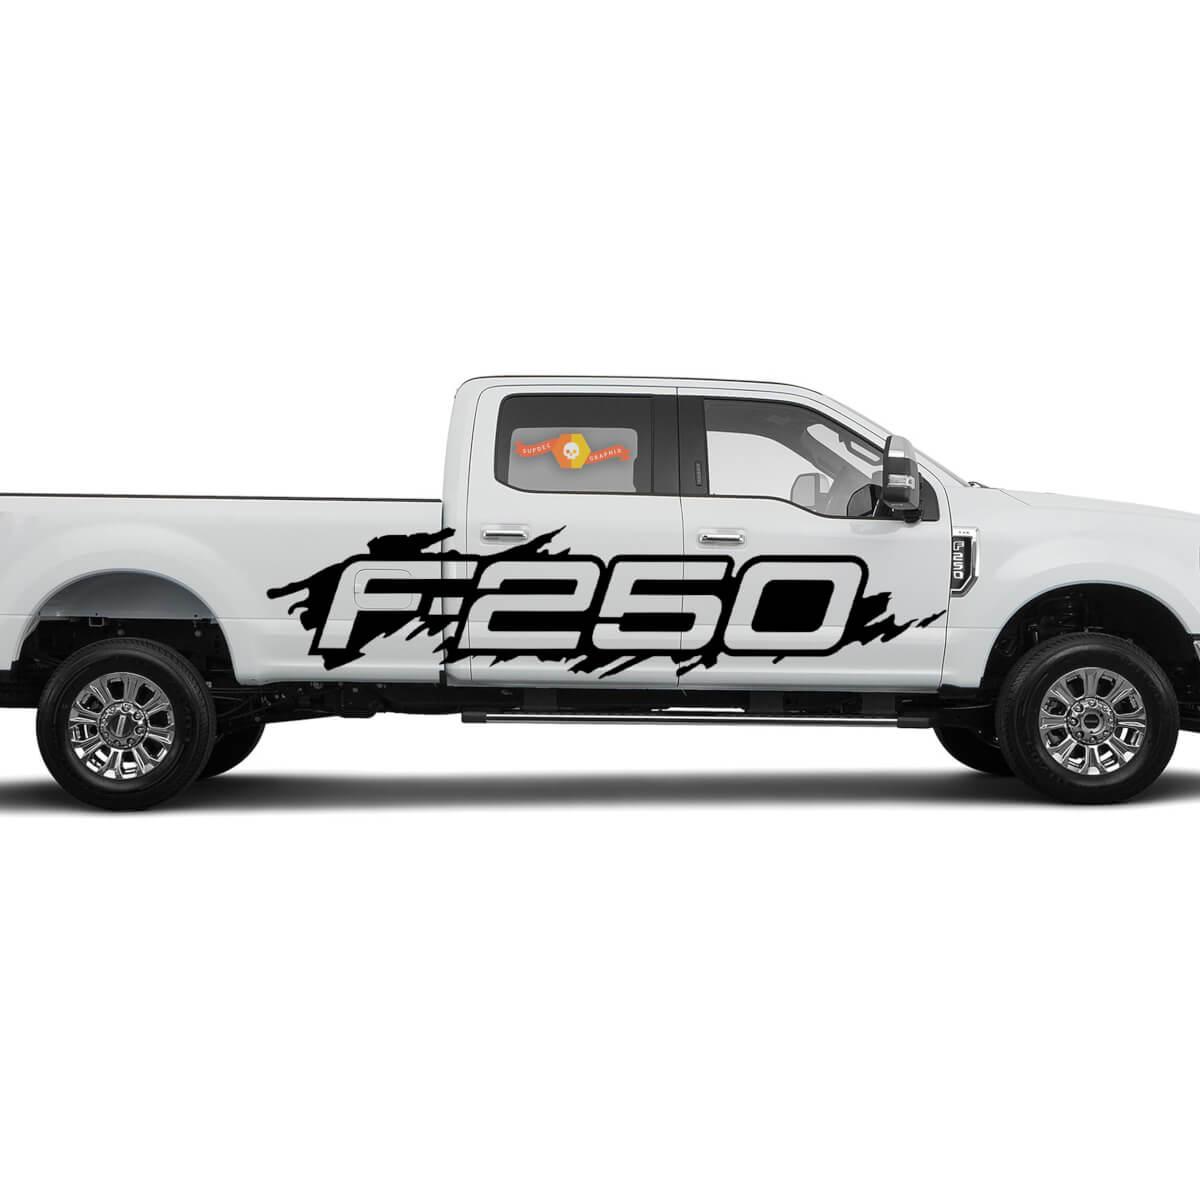 Ford F-250 Side Splash Grunge F250 Vinyl Aufkleber Grafik Pickup Pick Up Bed Truck